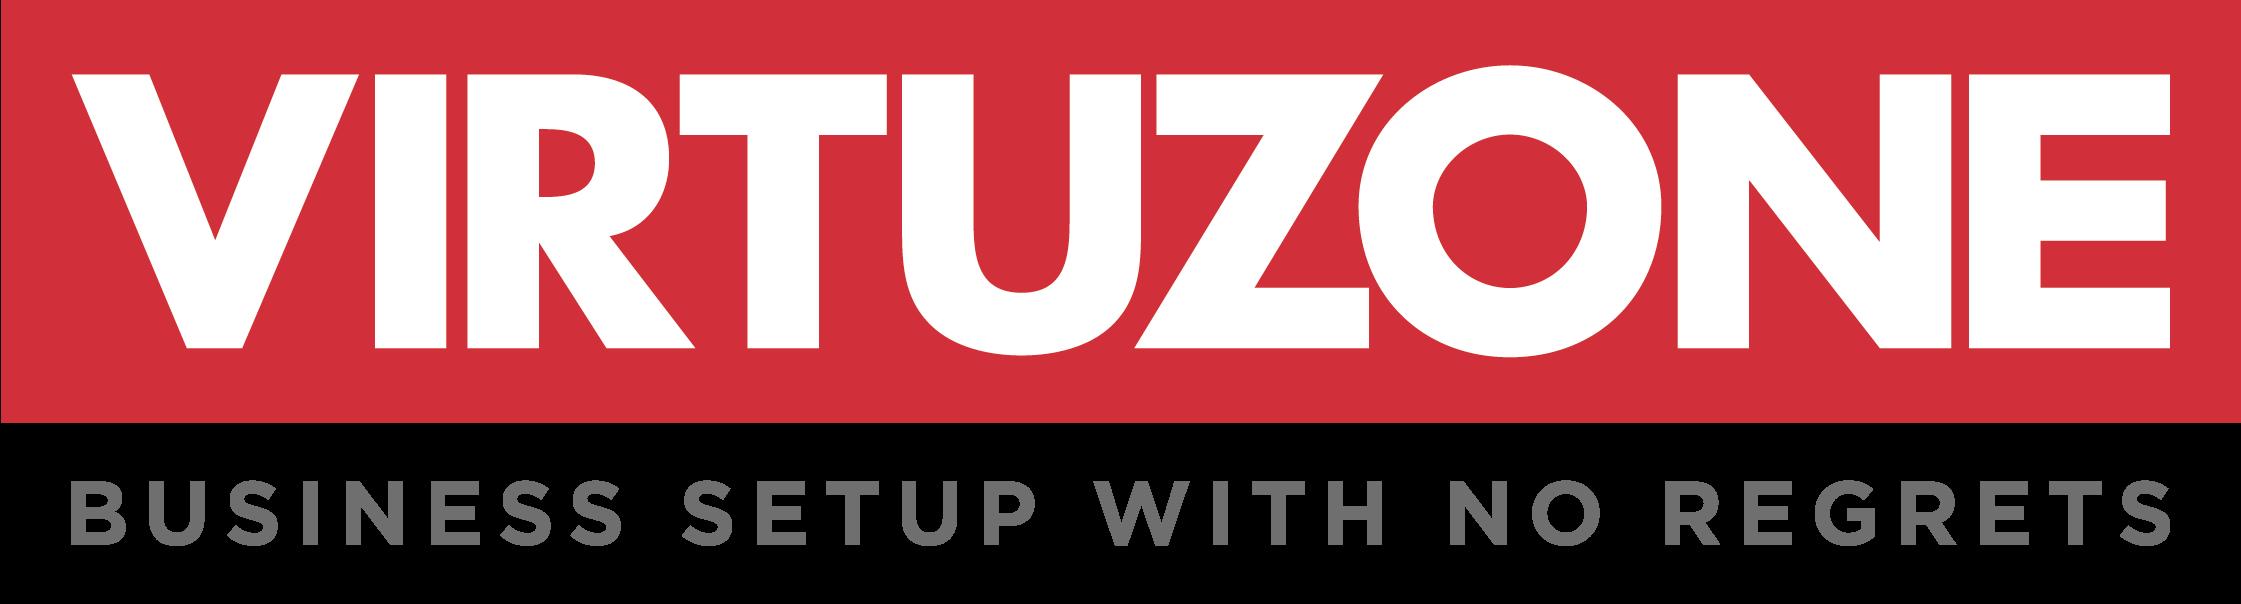 virtuzone-logo